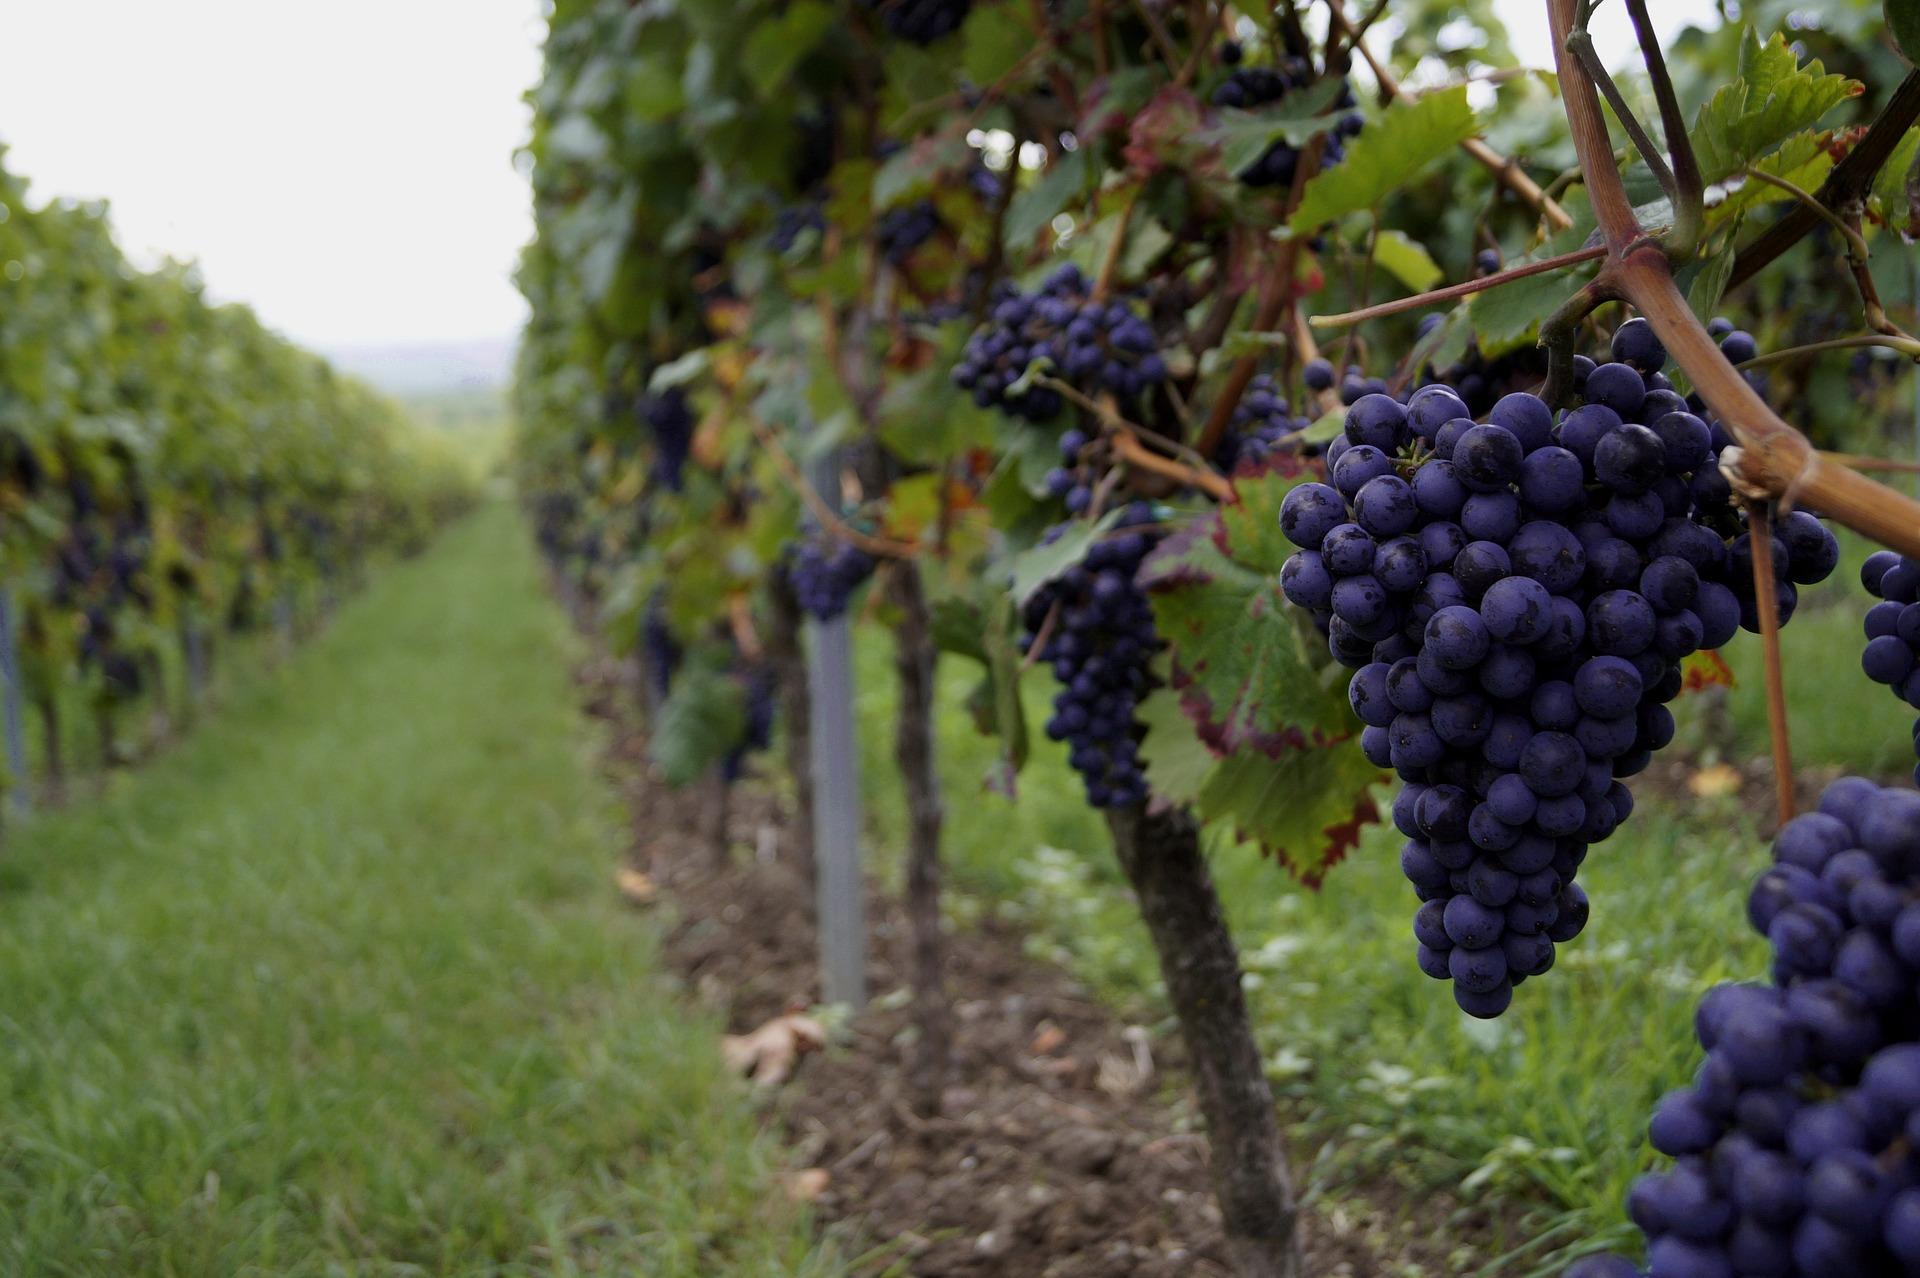 Садівники пропонують збільшити компенсацію за закладення виноградників до 50%